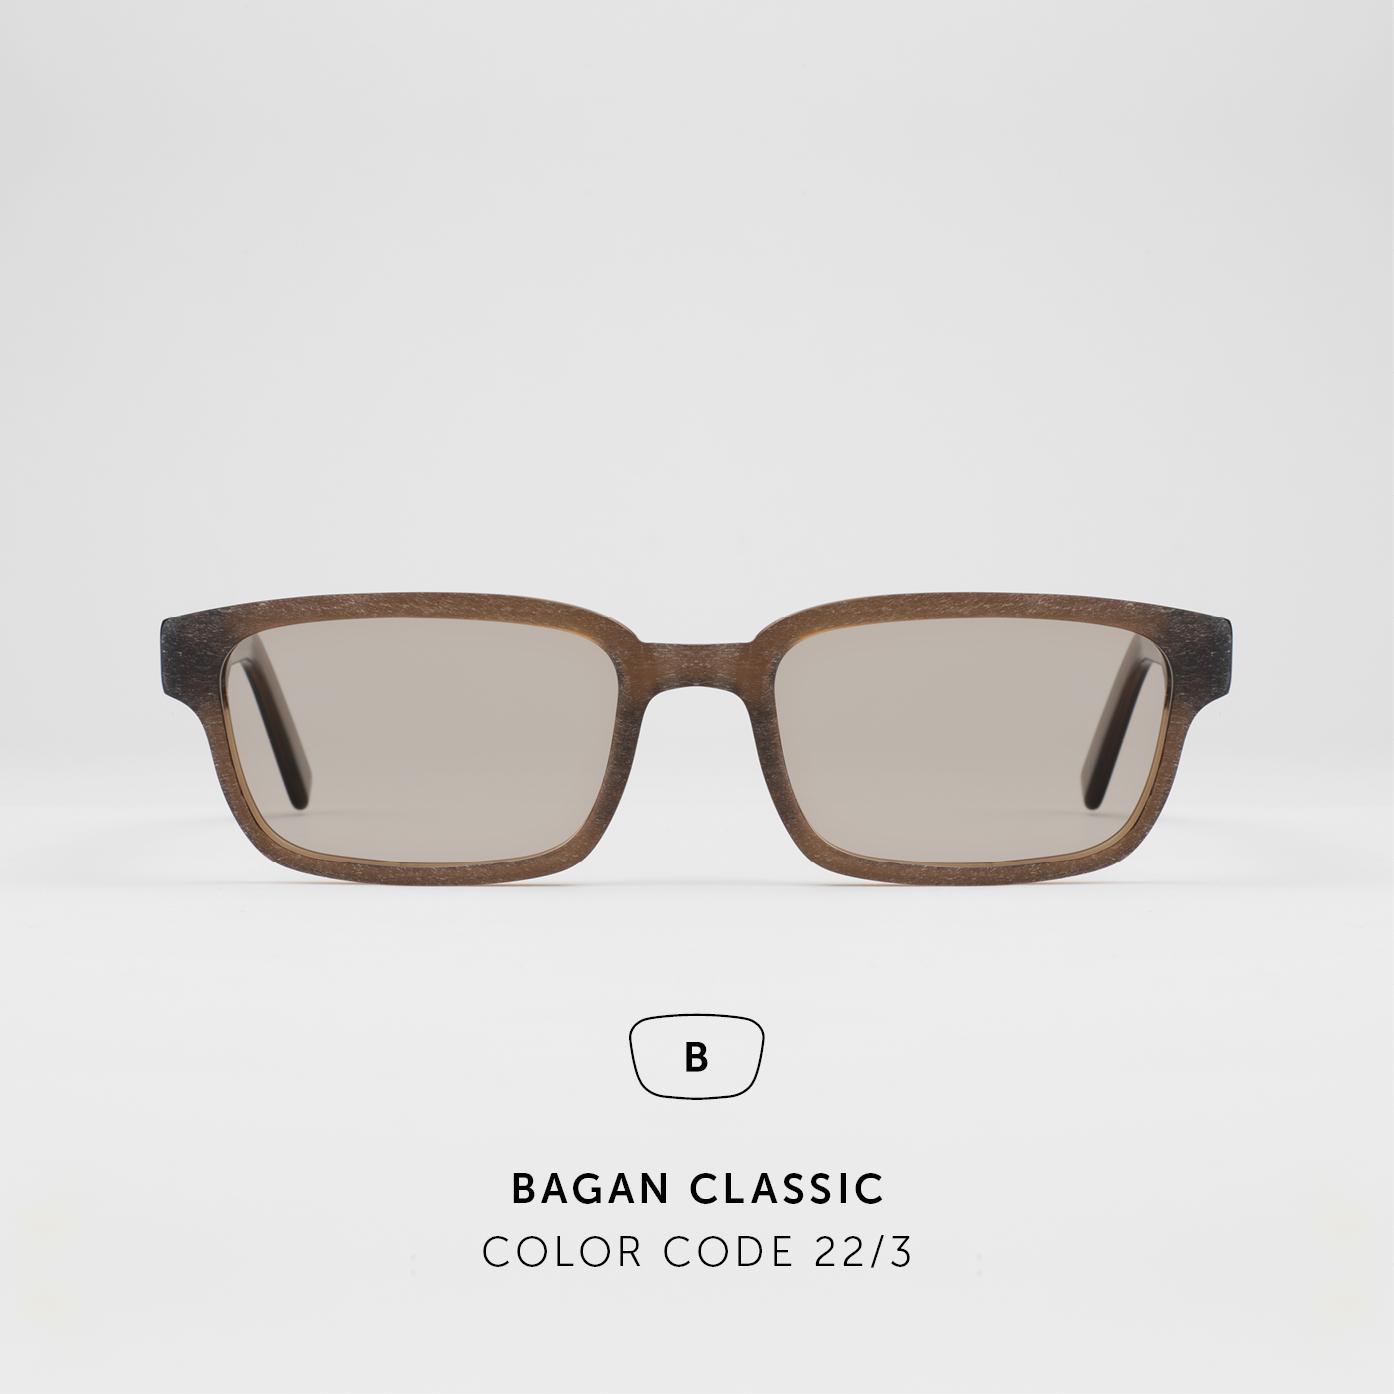 BaganClassic52.jpg